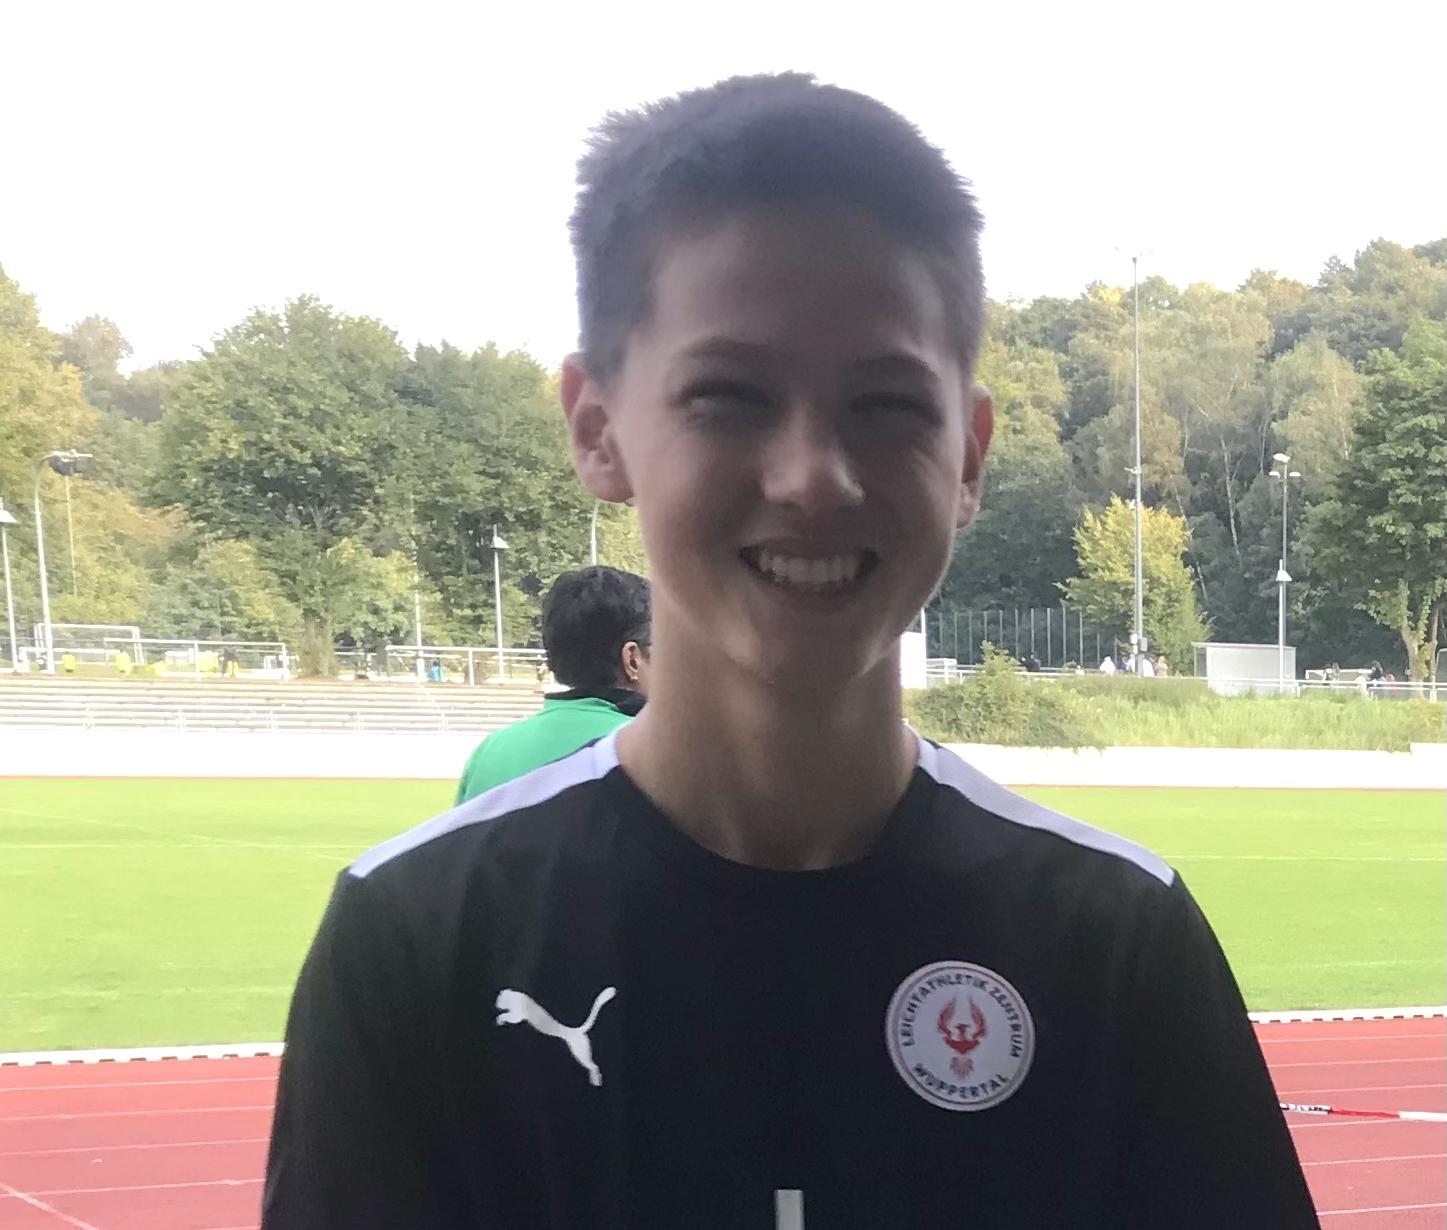 Joshua Petzoldt bestritt seinen ersten Wettkampf und wurde Regionsmeister